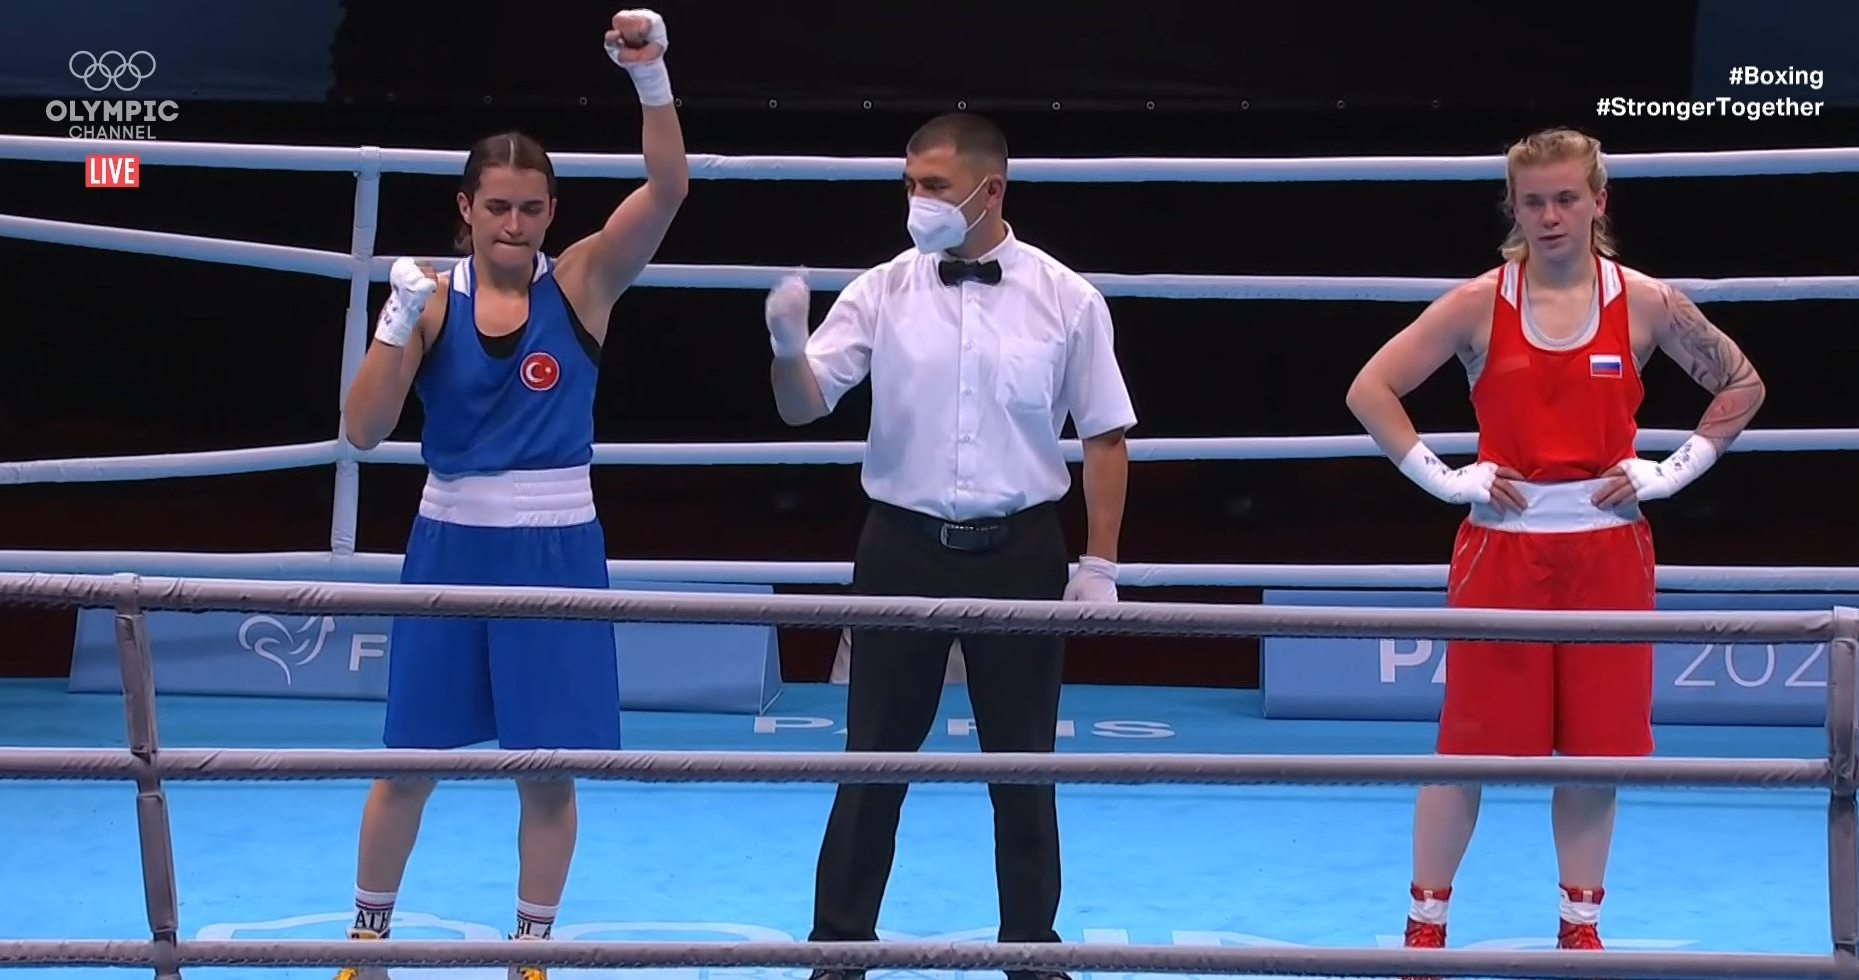 Bir 2 kişi, iç mekan ve şunu diyen bir yazı 'OLYMPIC LIVE #Boxing #StrongerTogether ogether S 202' görseli olabilir